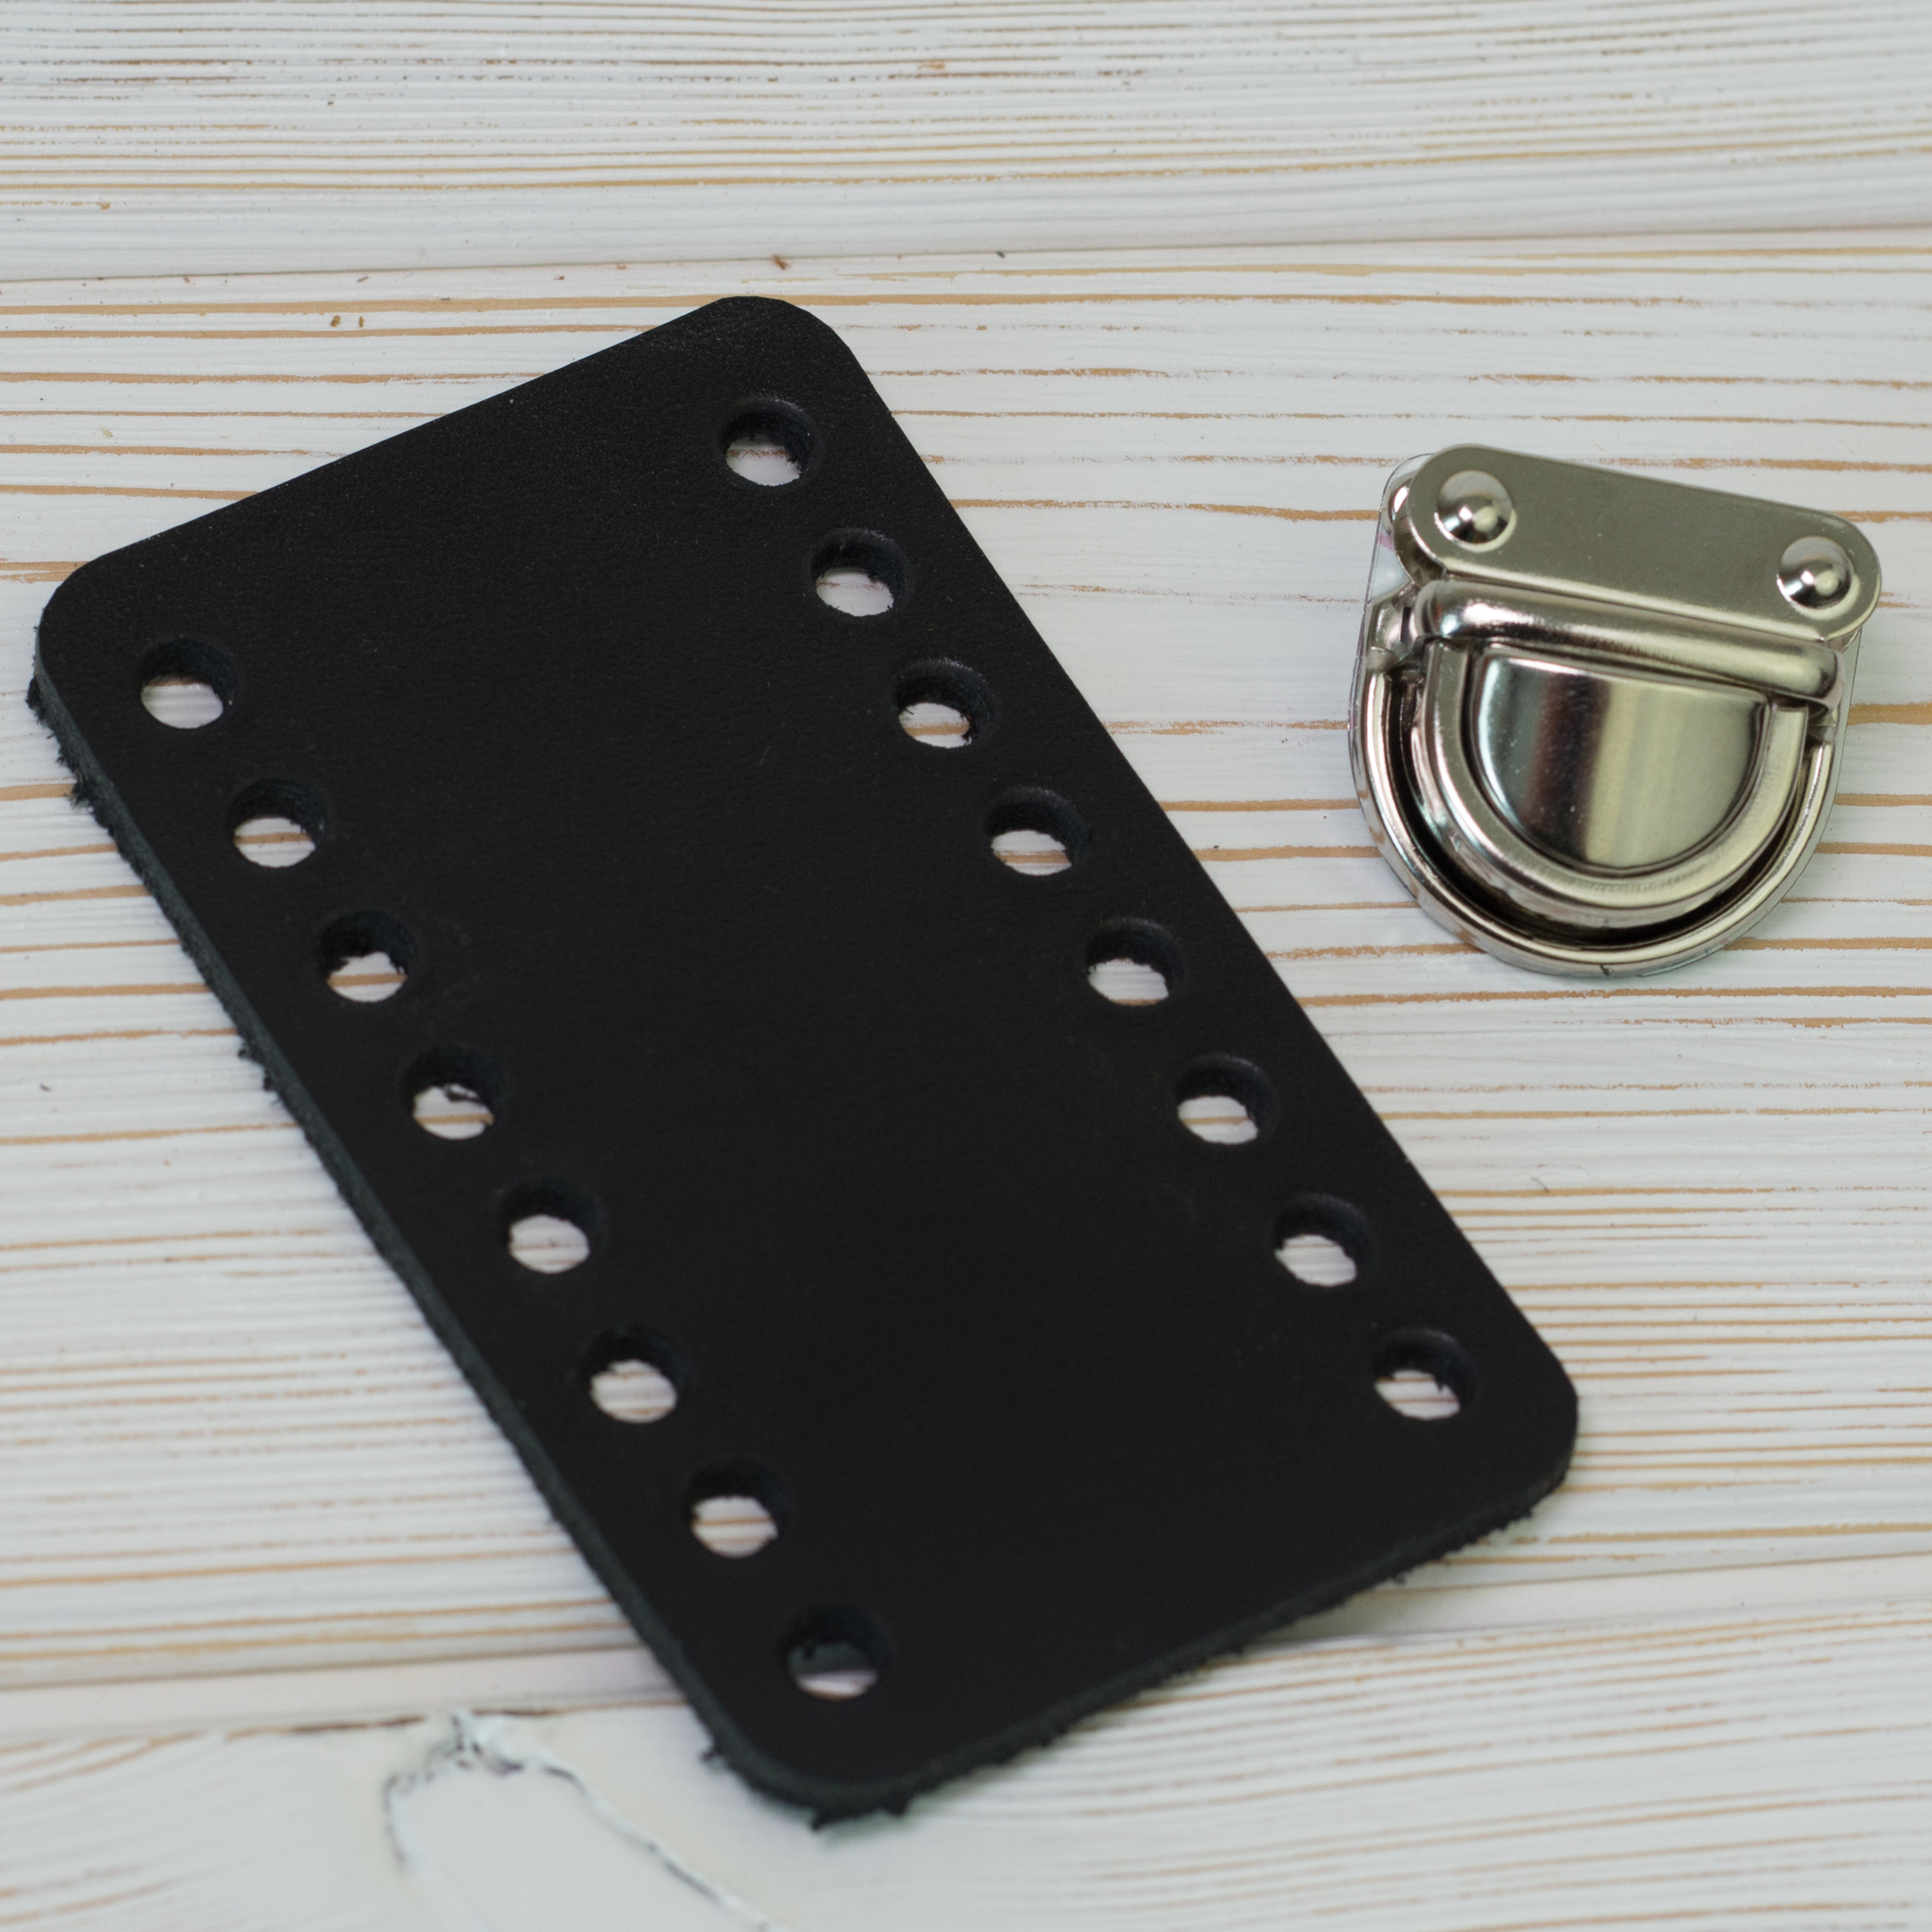 Кожаная фурнитура Комплект для поясной сумки с мастер-классом IMG_9596.jpg